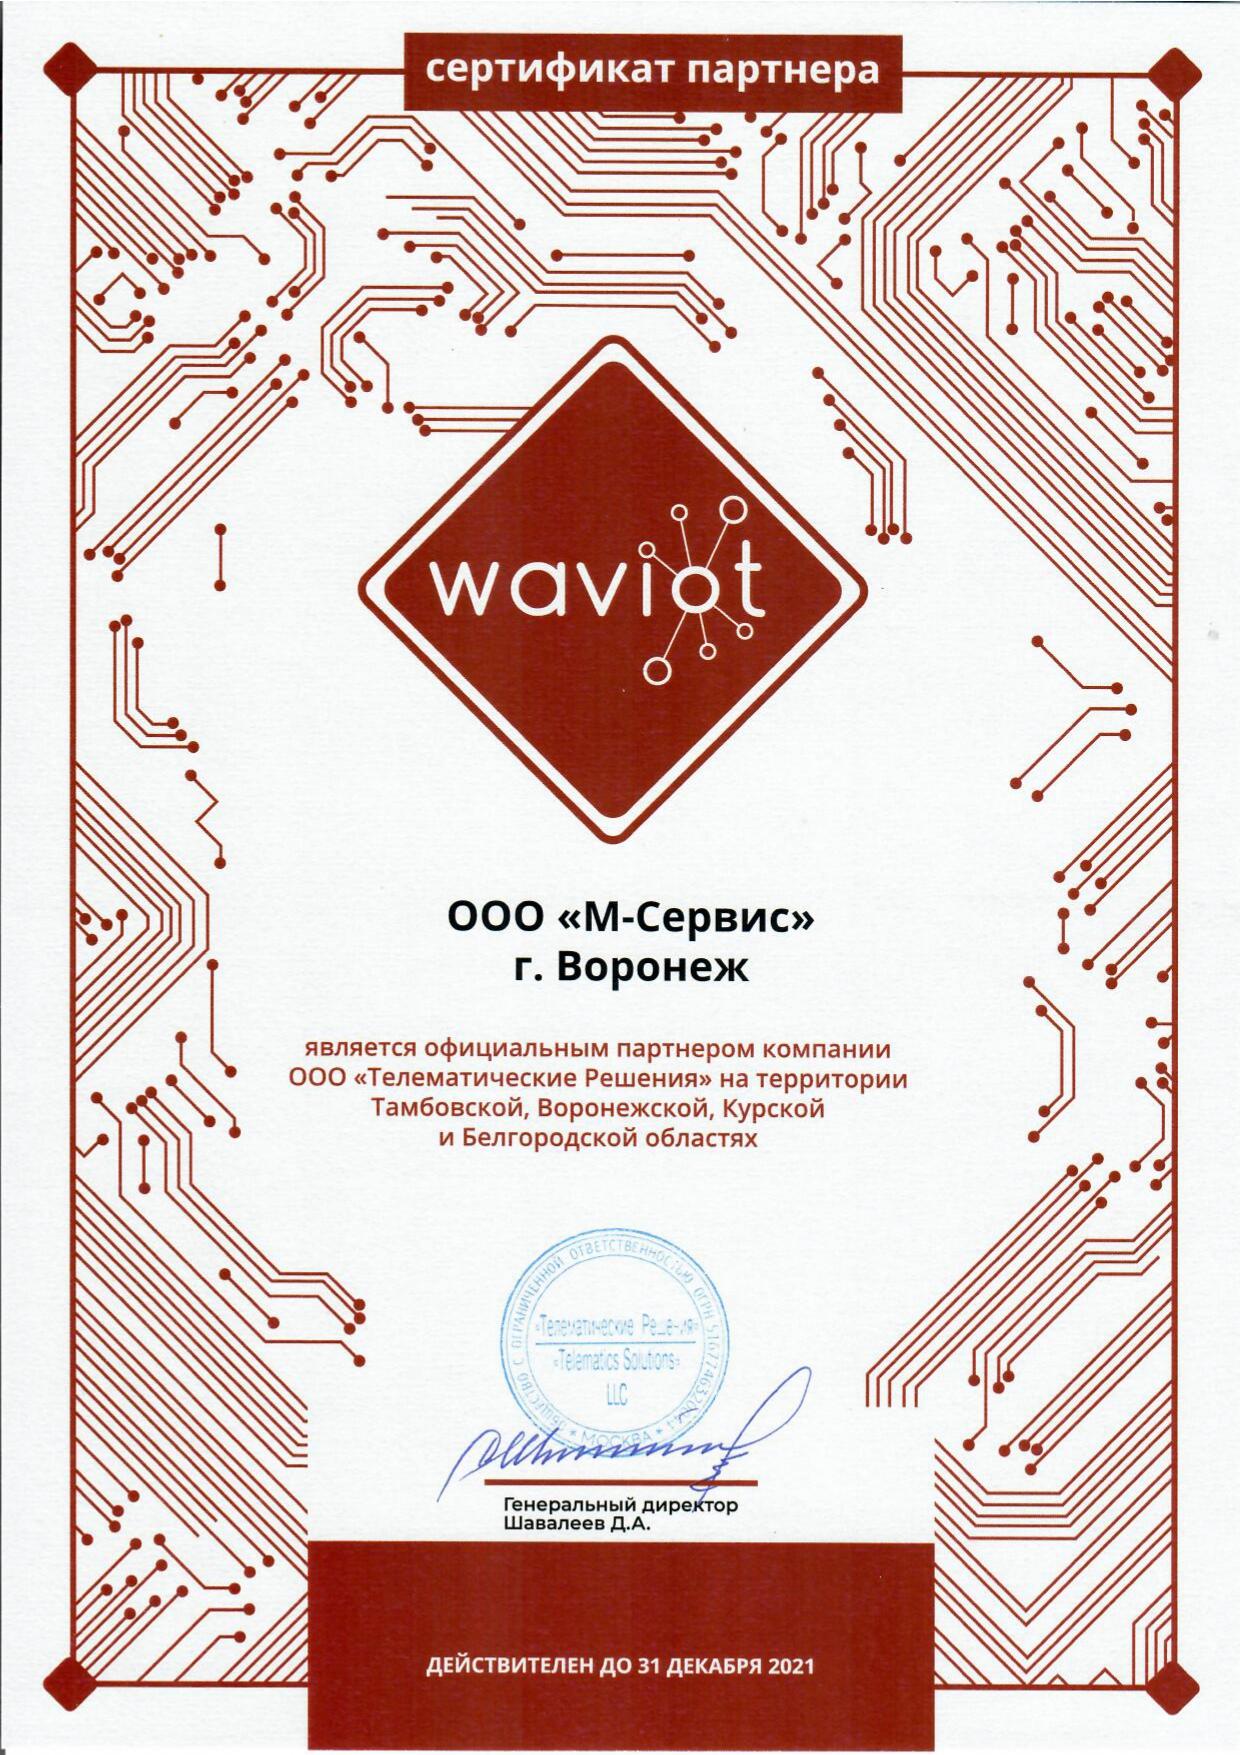 Сертификат дистр-а М-Сервис 2021 год (1)_page-0001